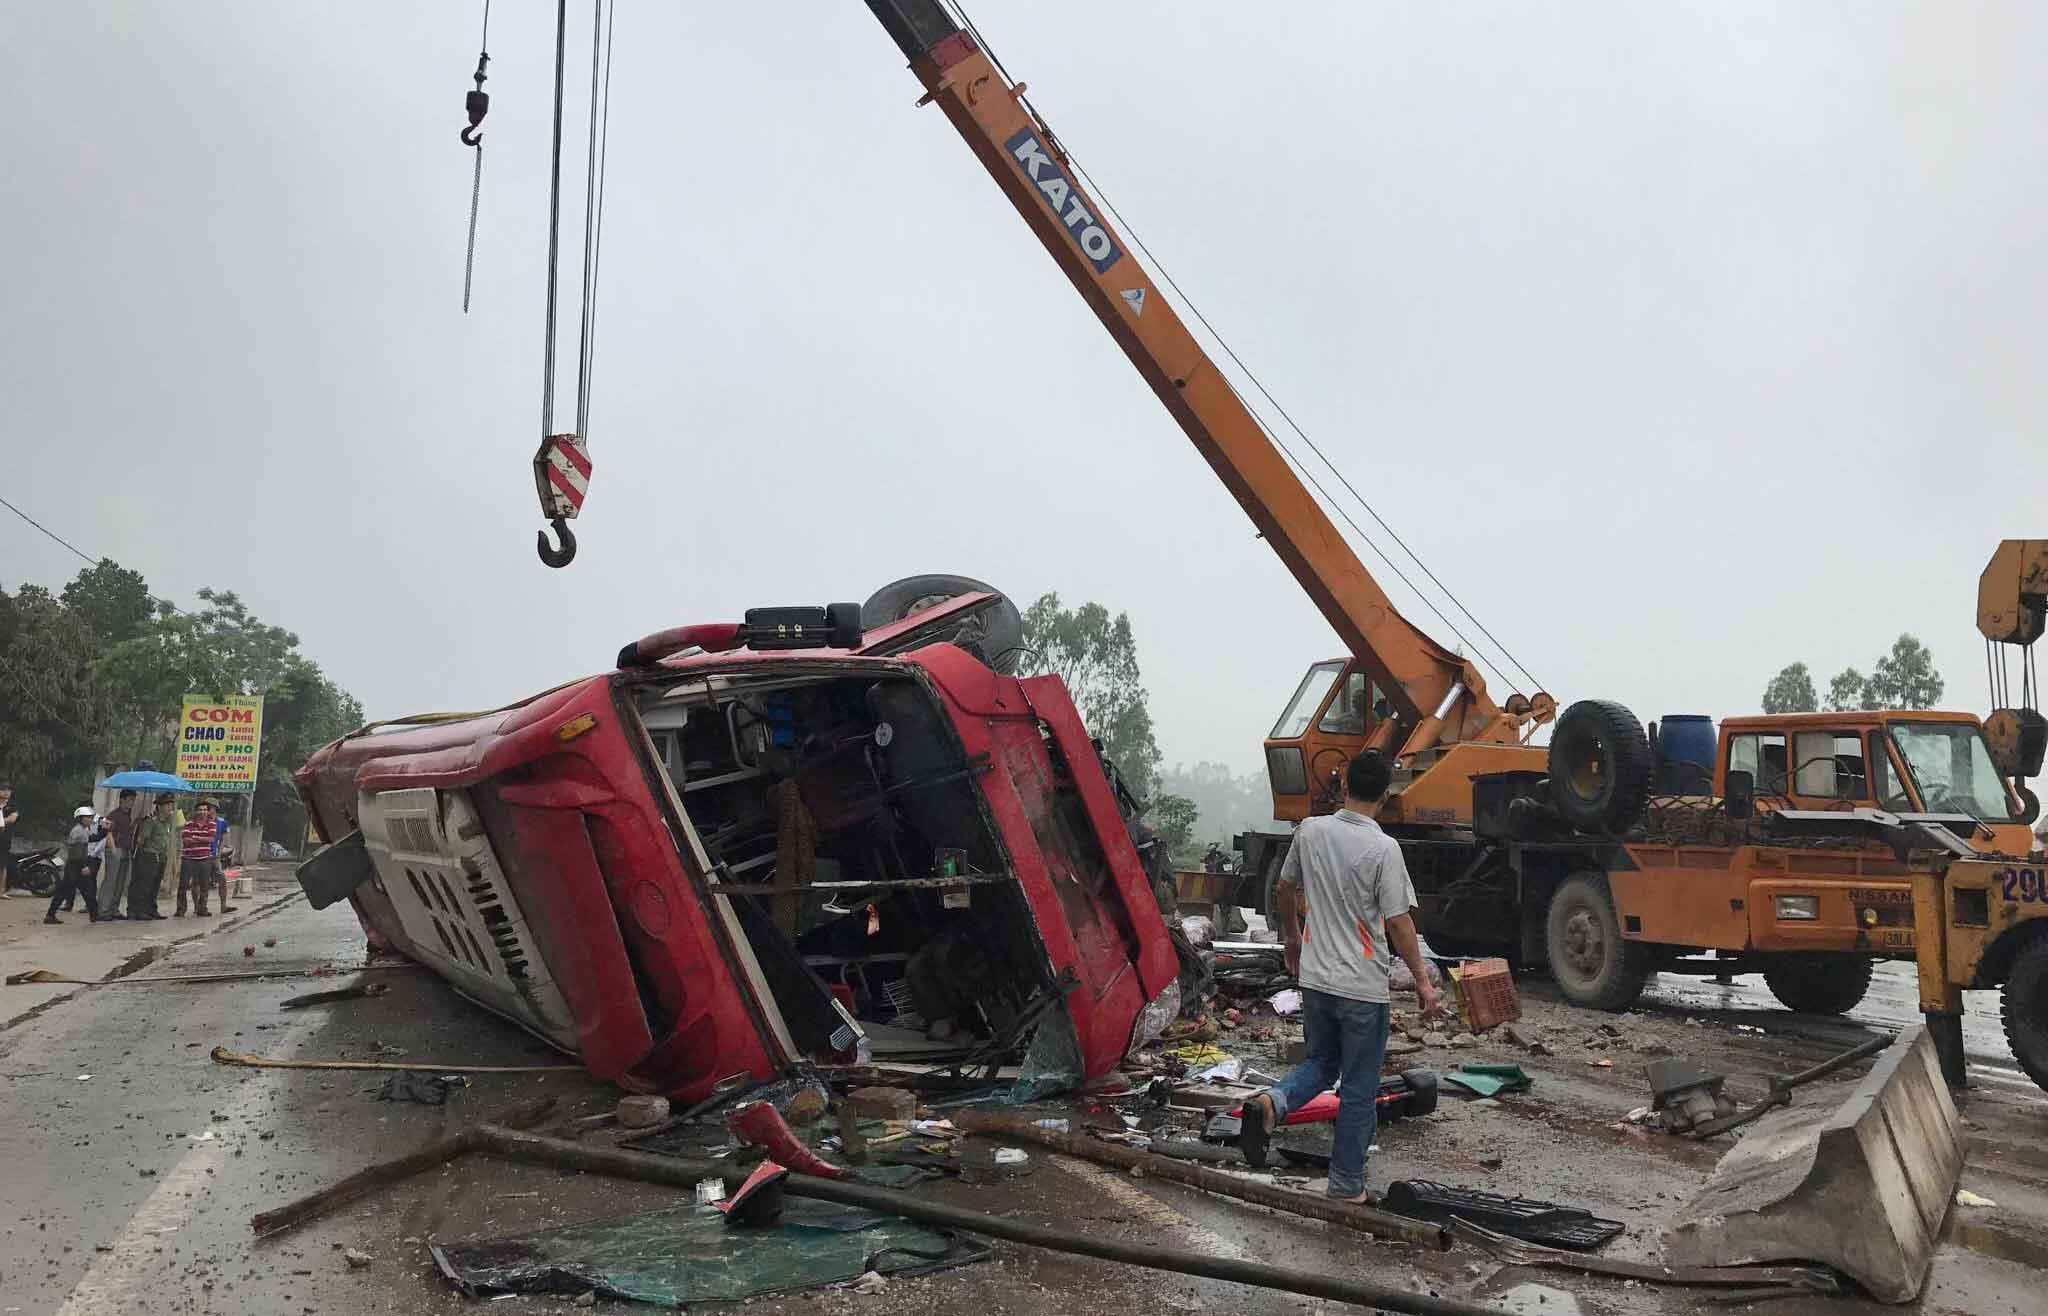 tai nạn giao thông, xe khách lật, xe khách nổ